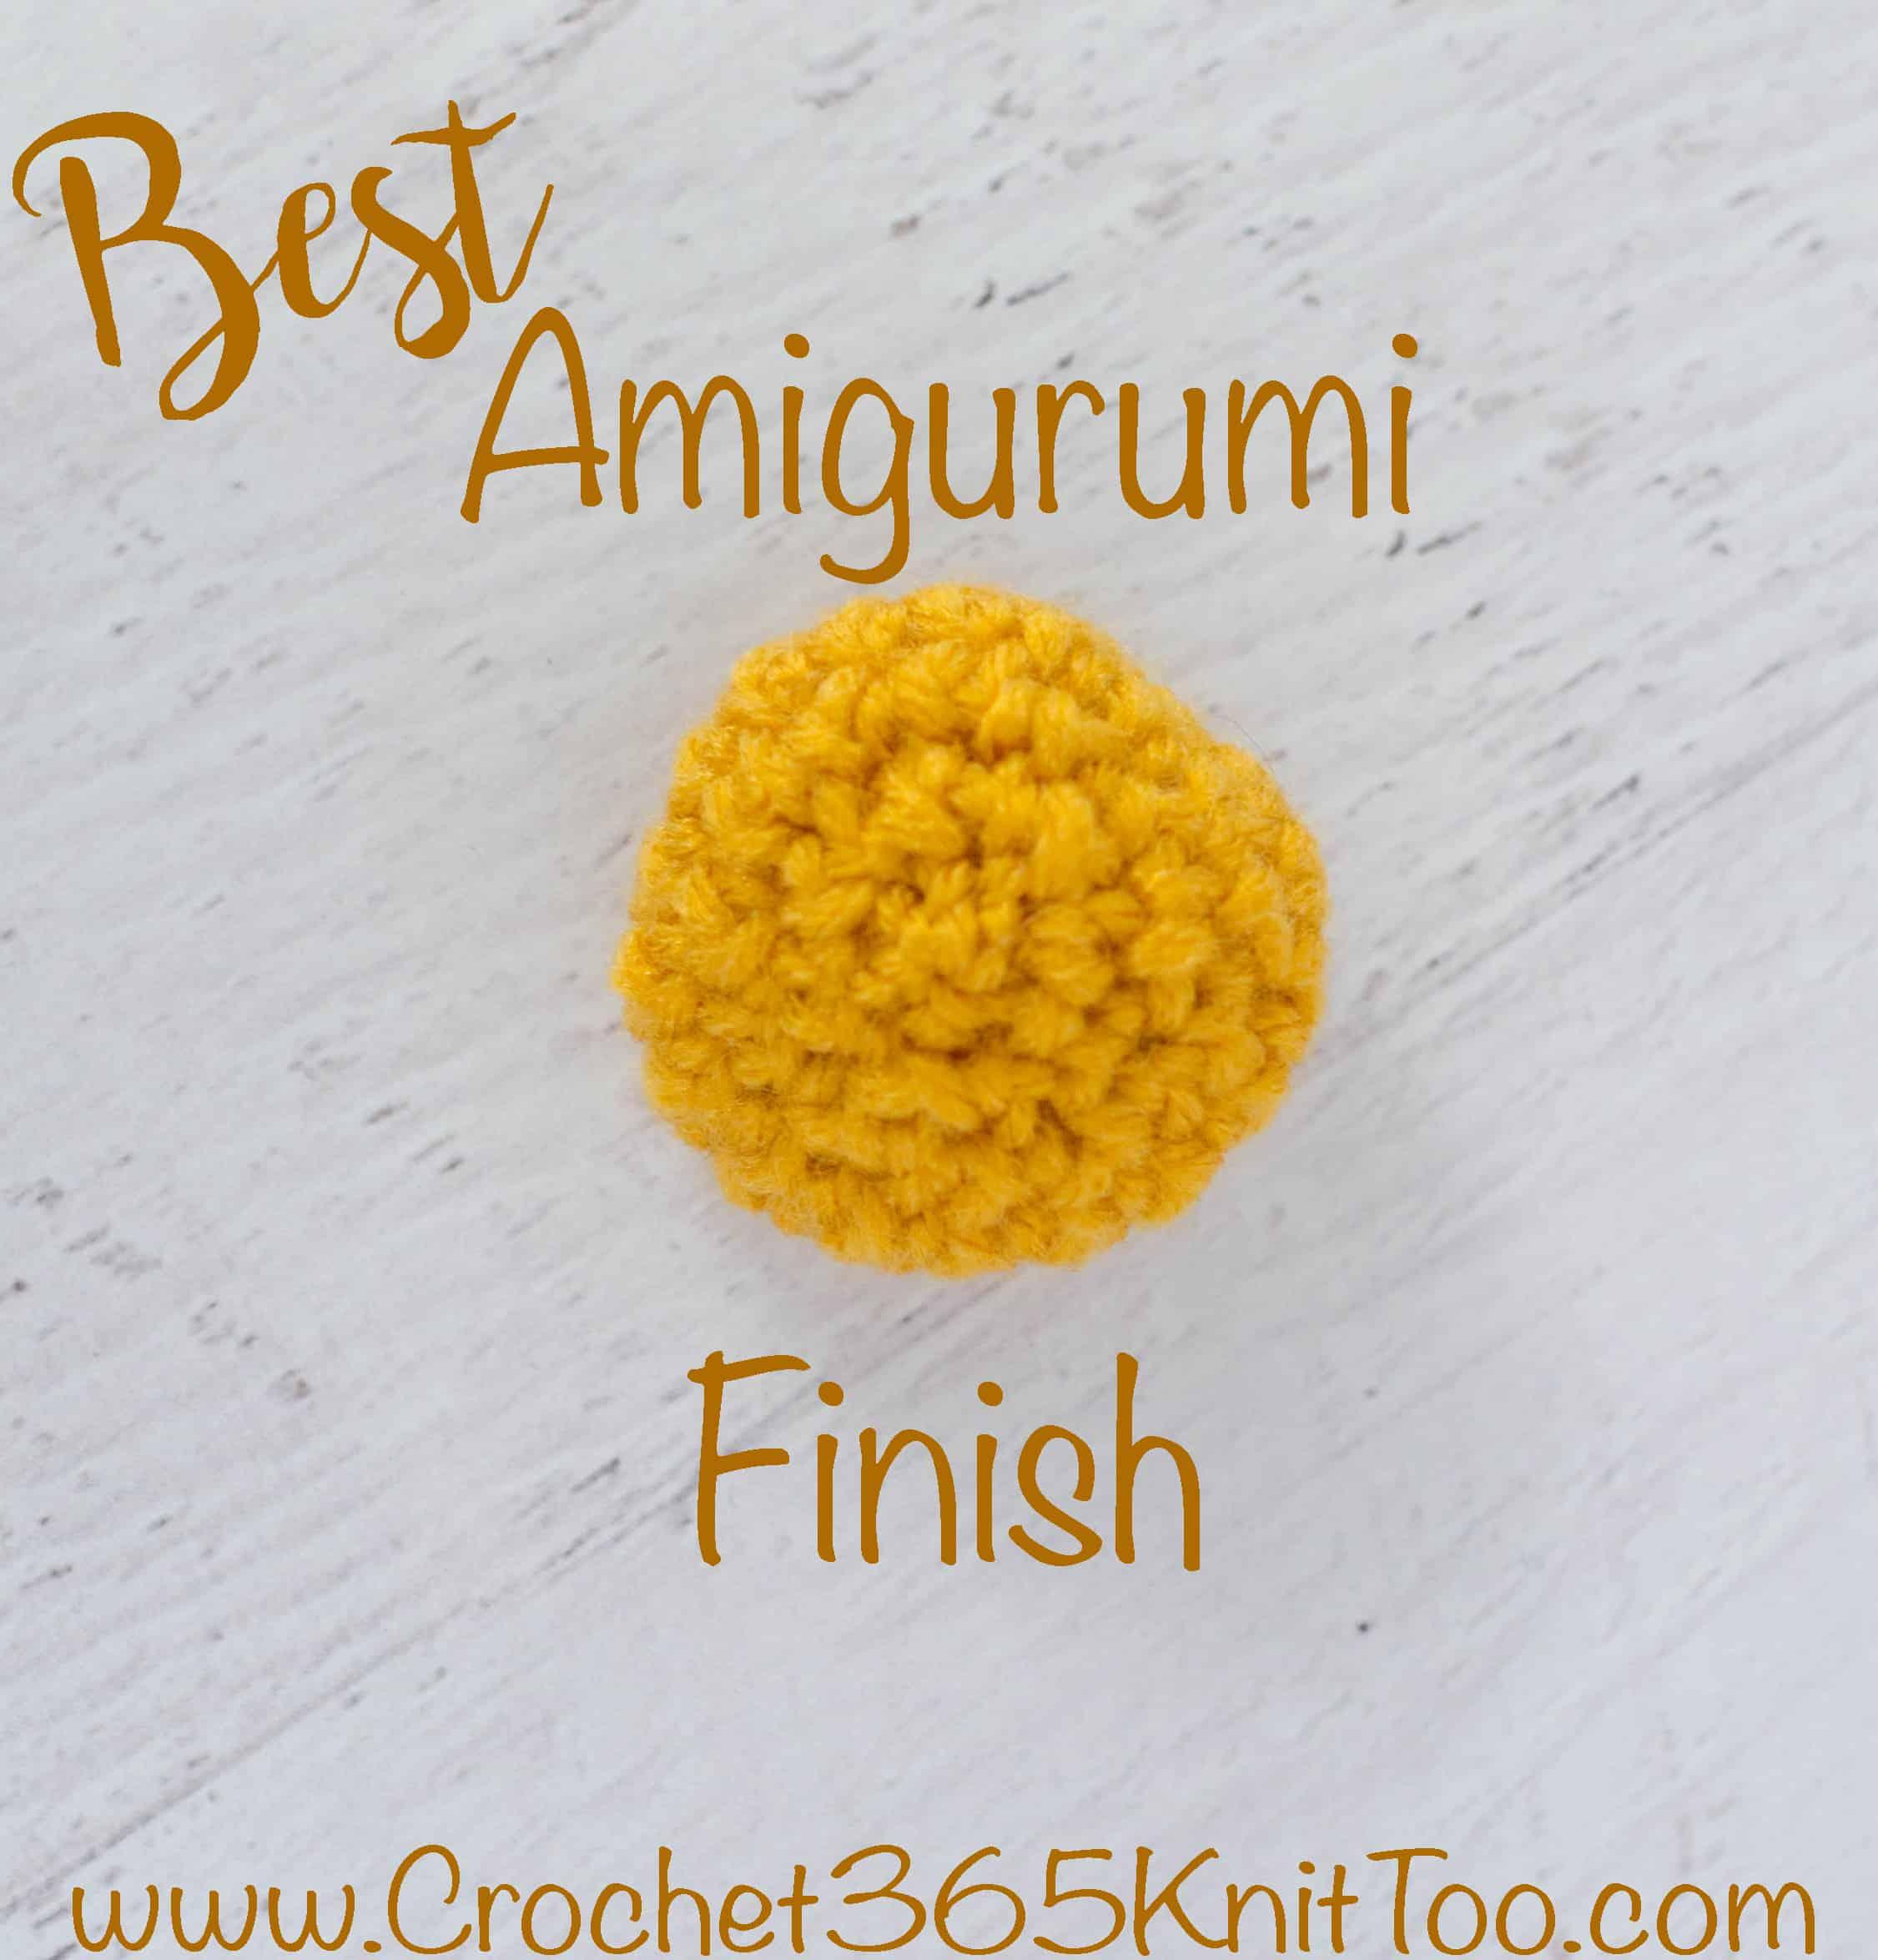 best amigurumi finish